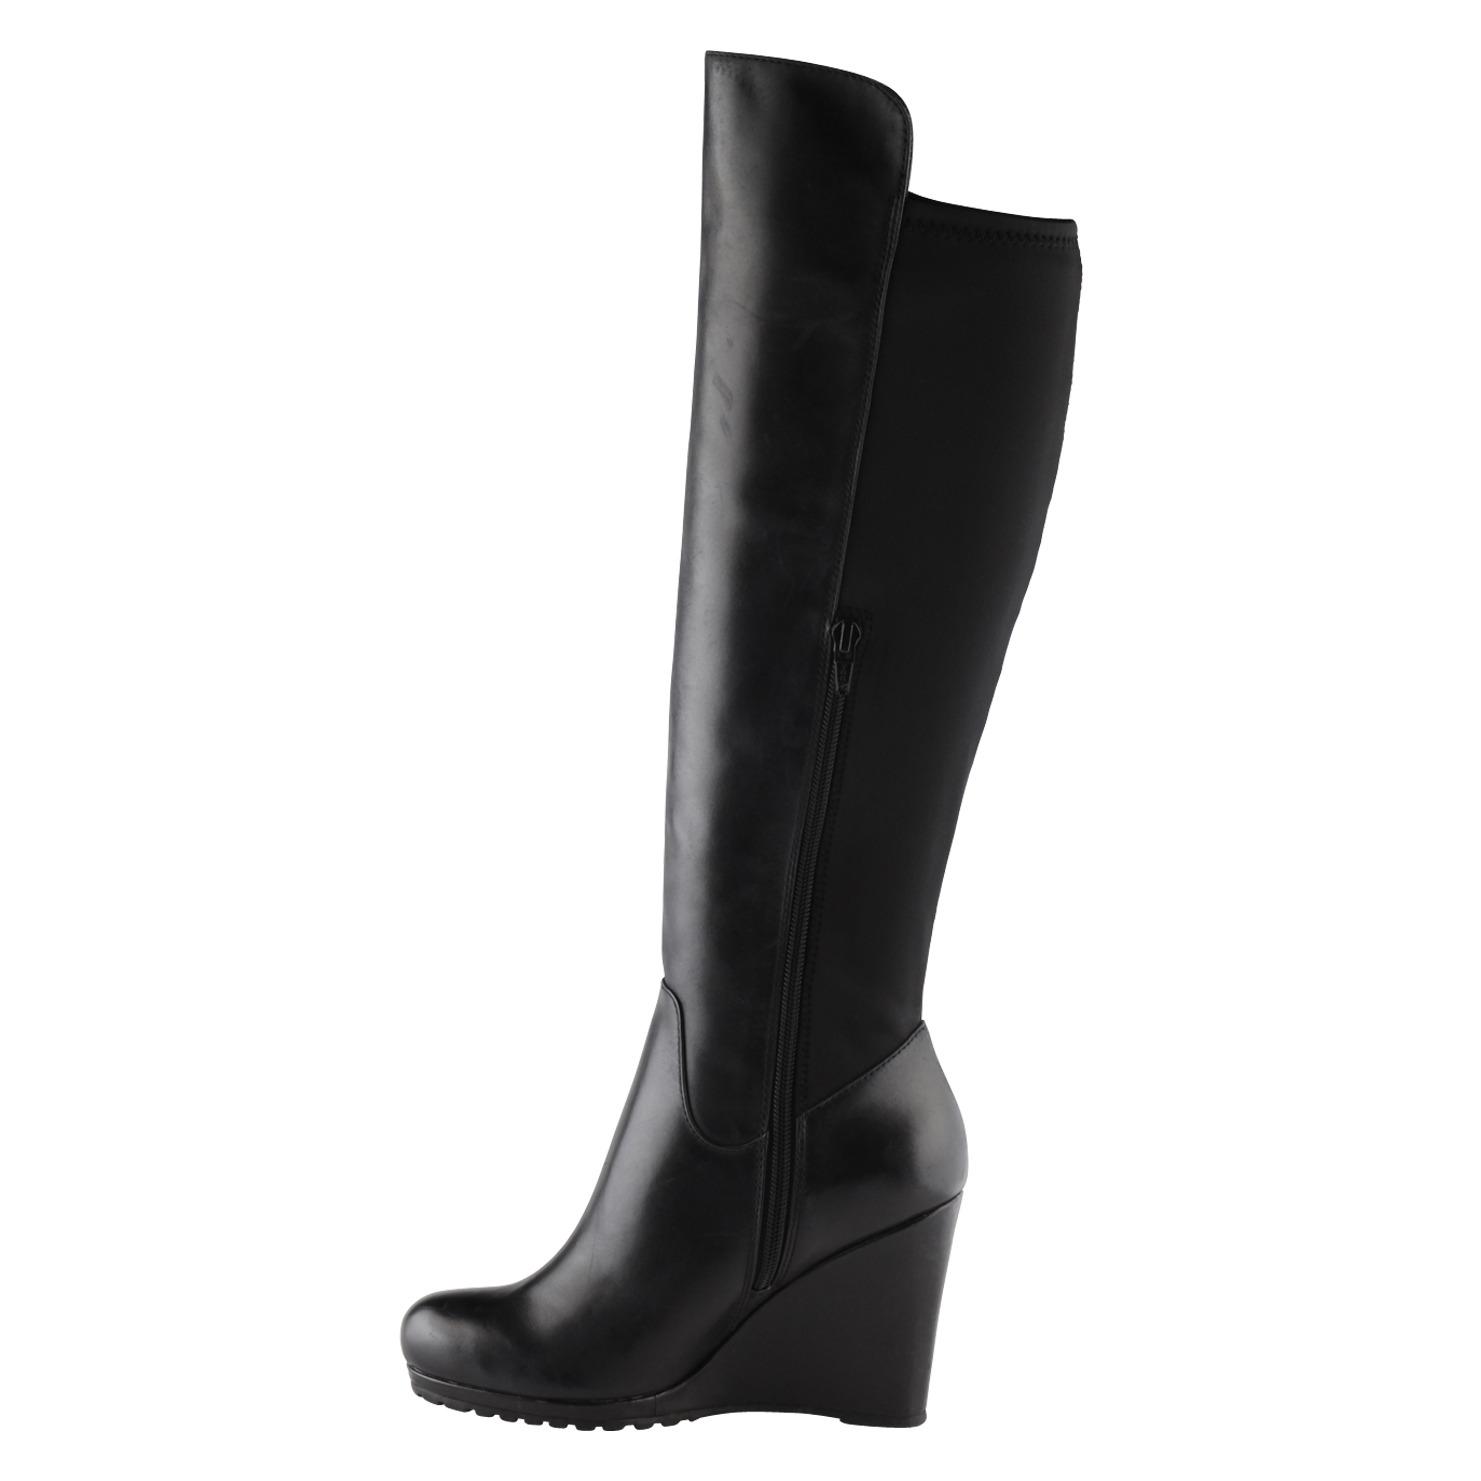 ALDO Sigla Black Boots